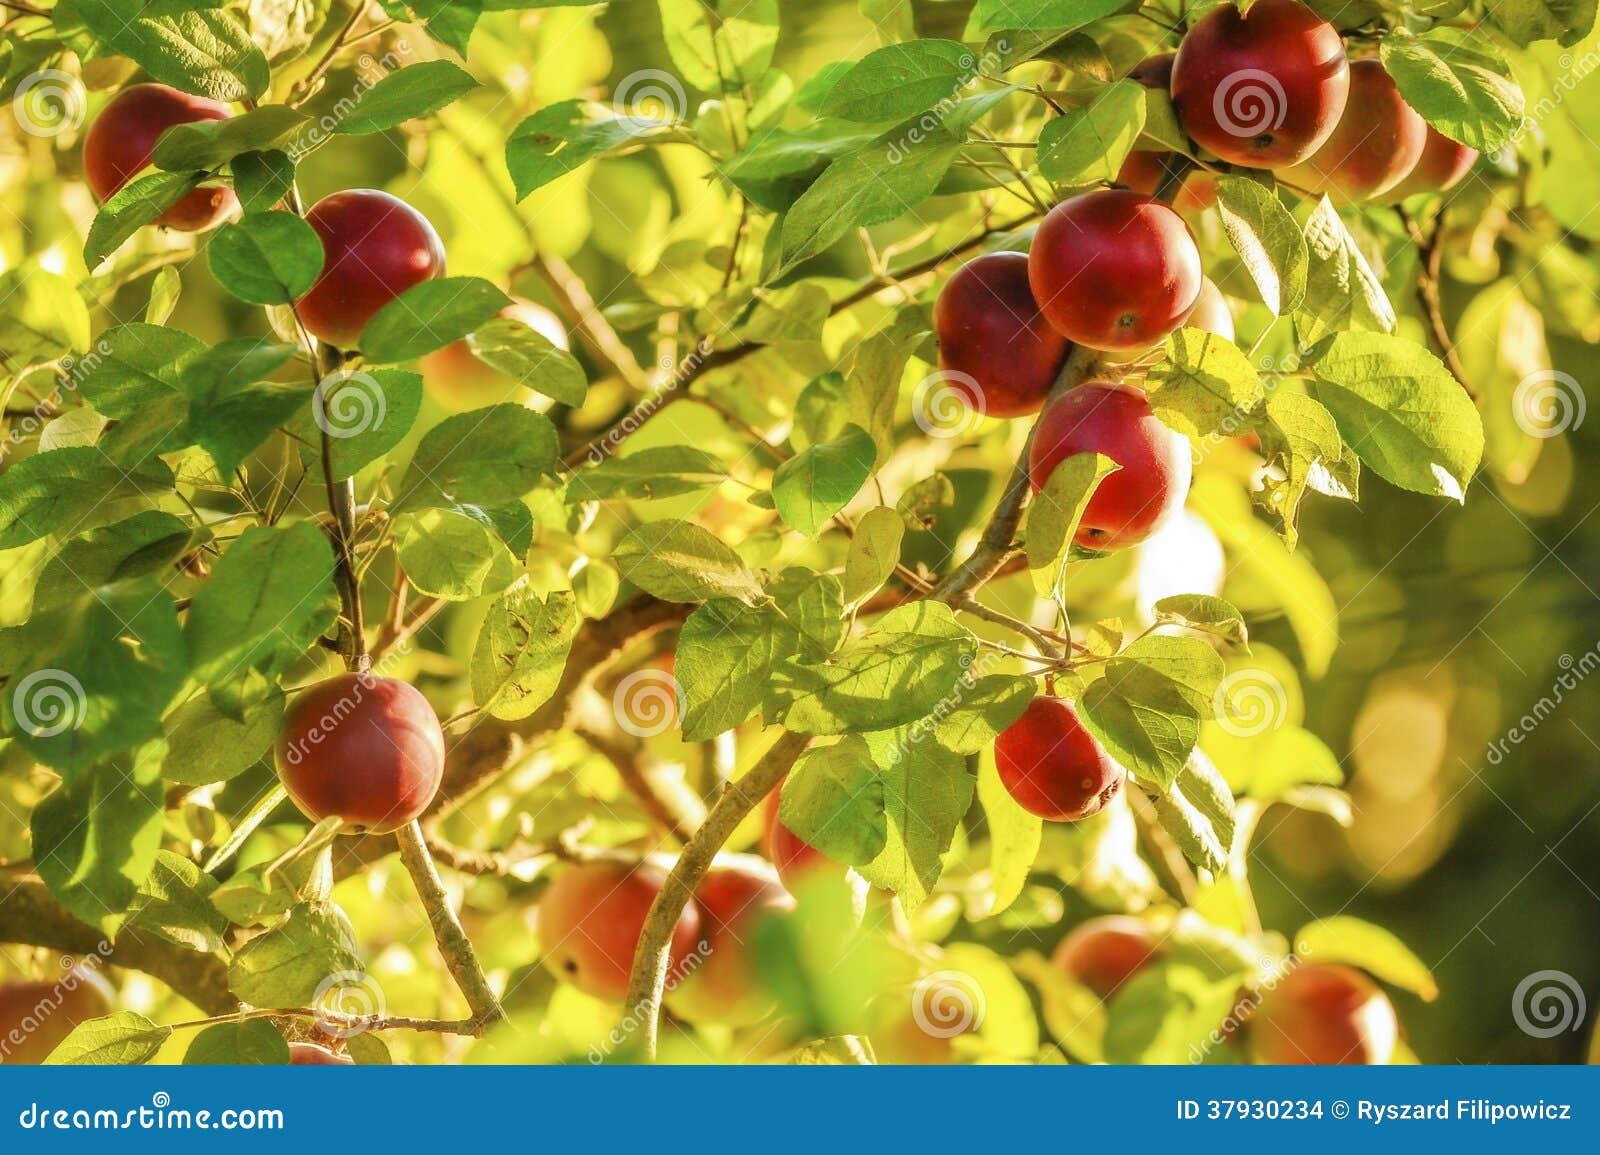 Manzanas en árbol.